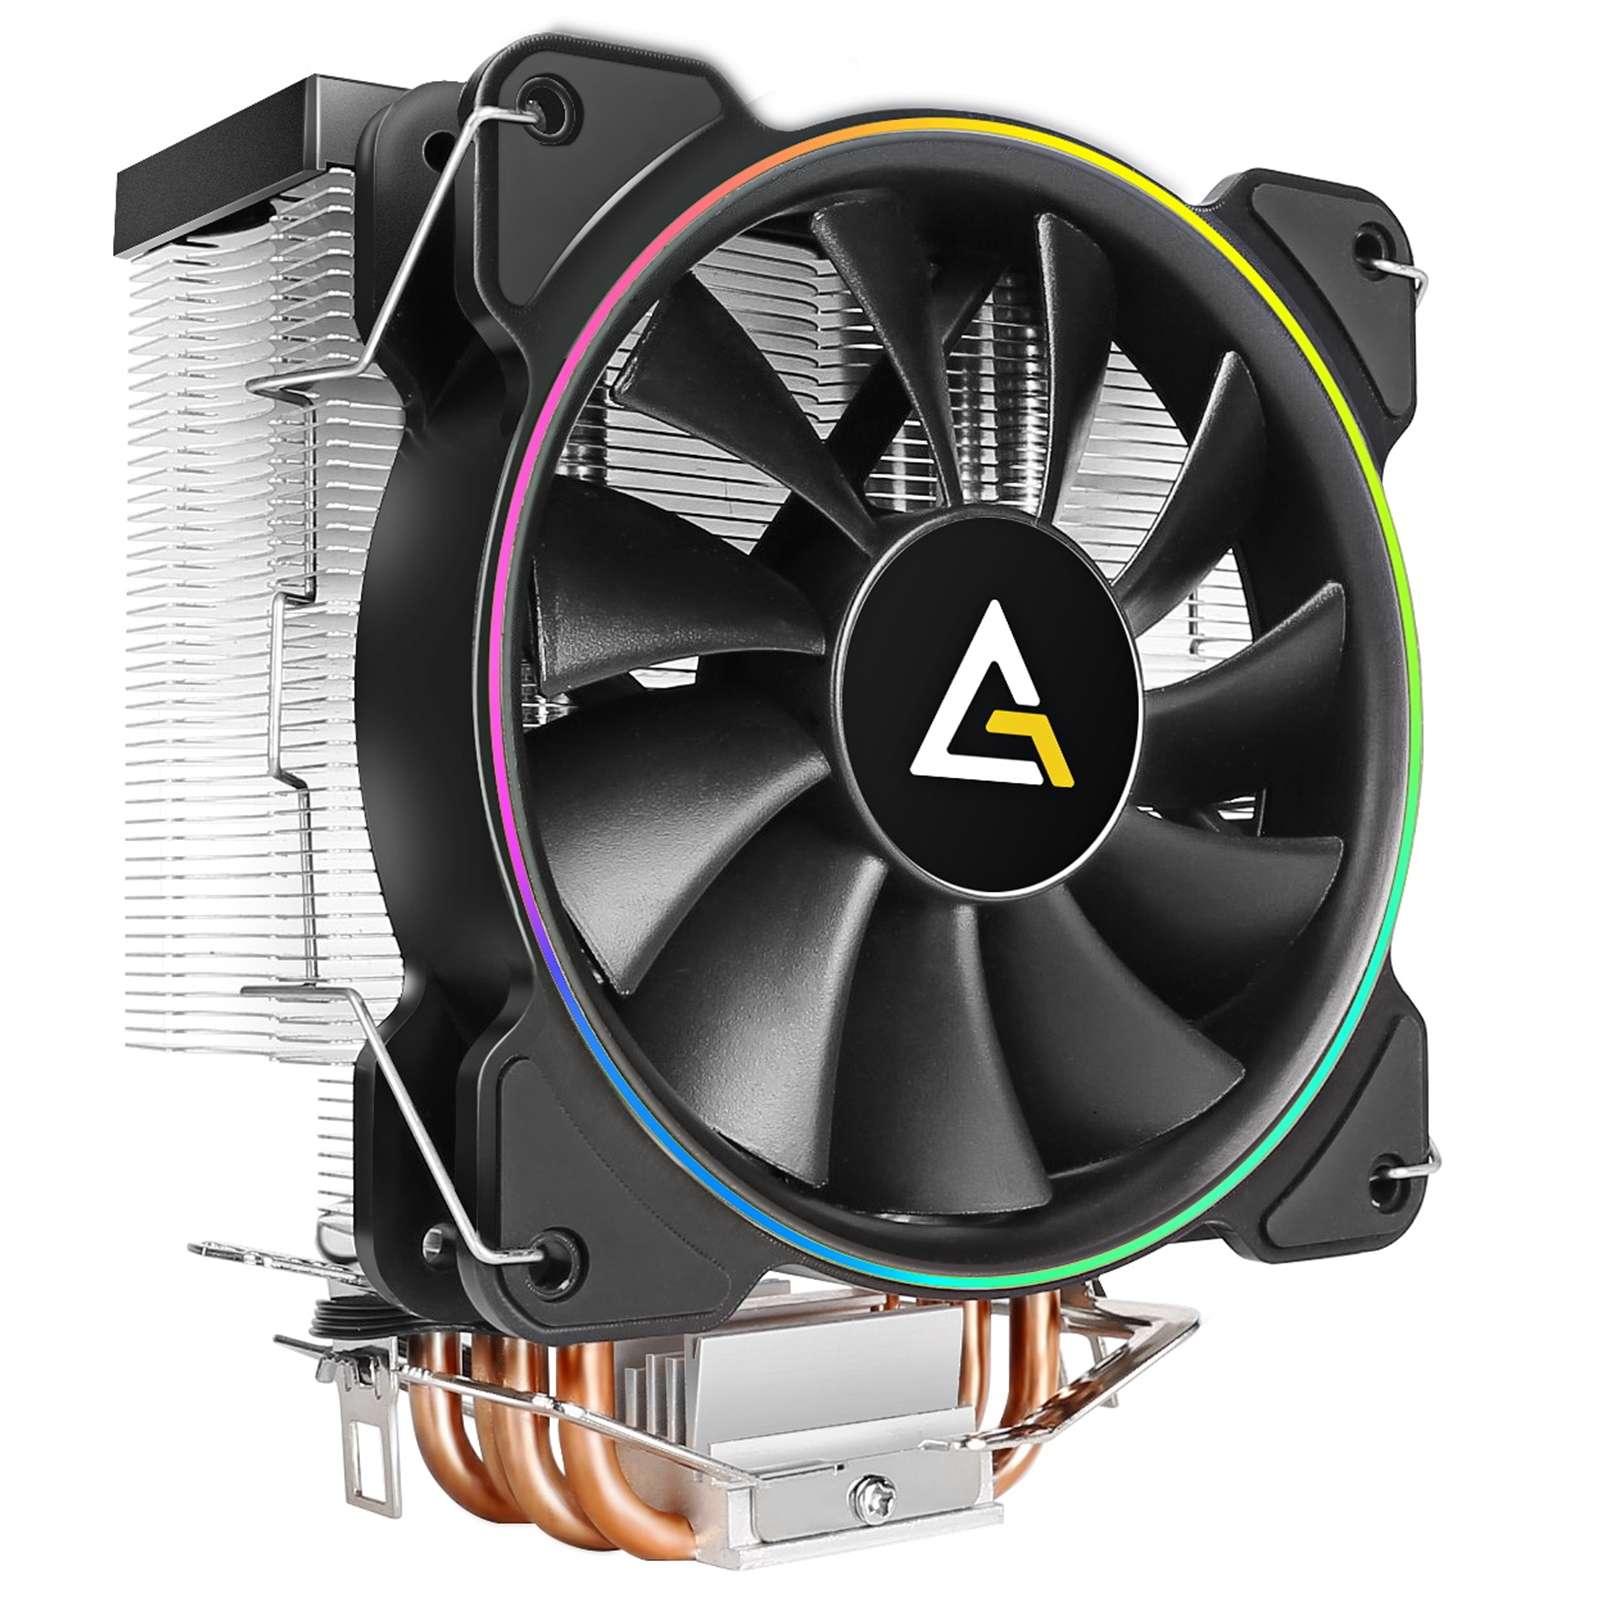 Antec A400 RGB Heatsink & Fan, Intel & AMD Sockets, Silent RGB PWM Fan, Direct-Touch Heat Pipes